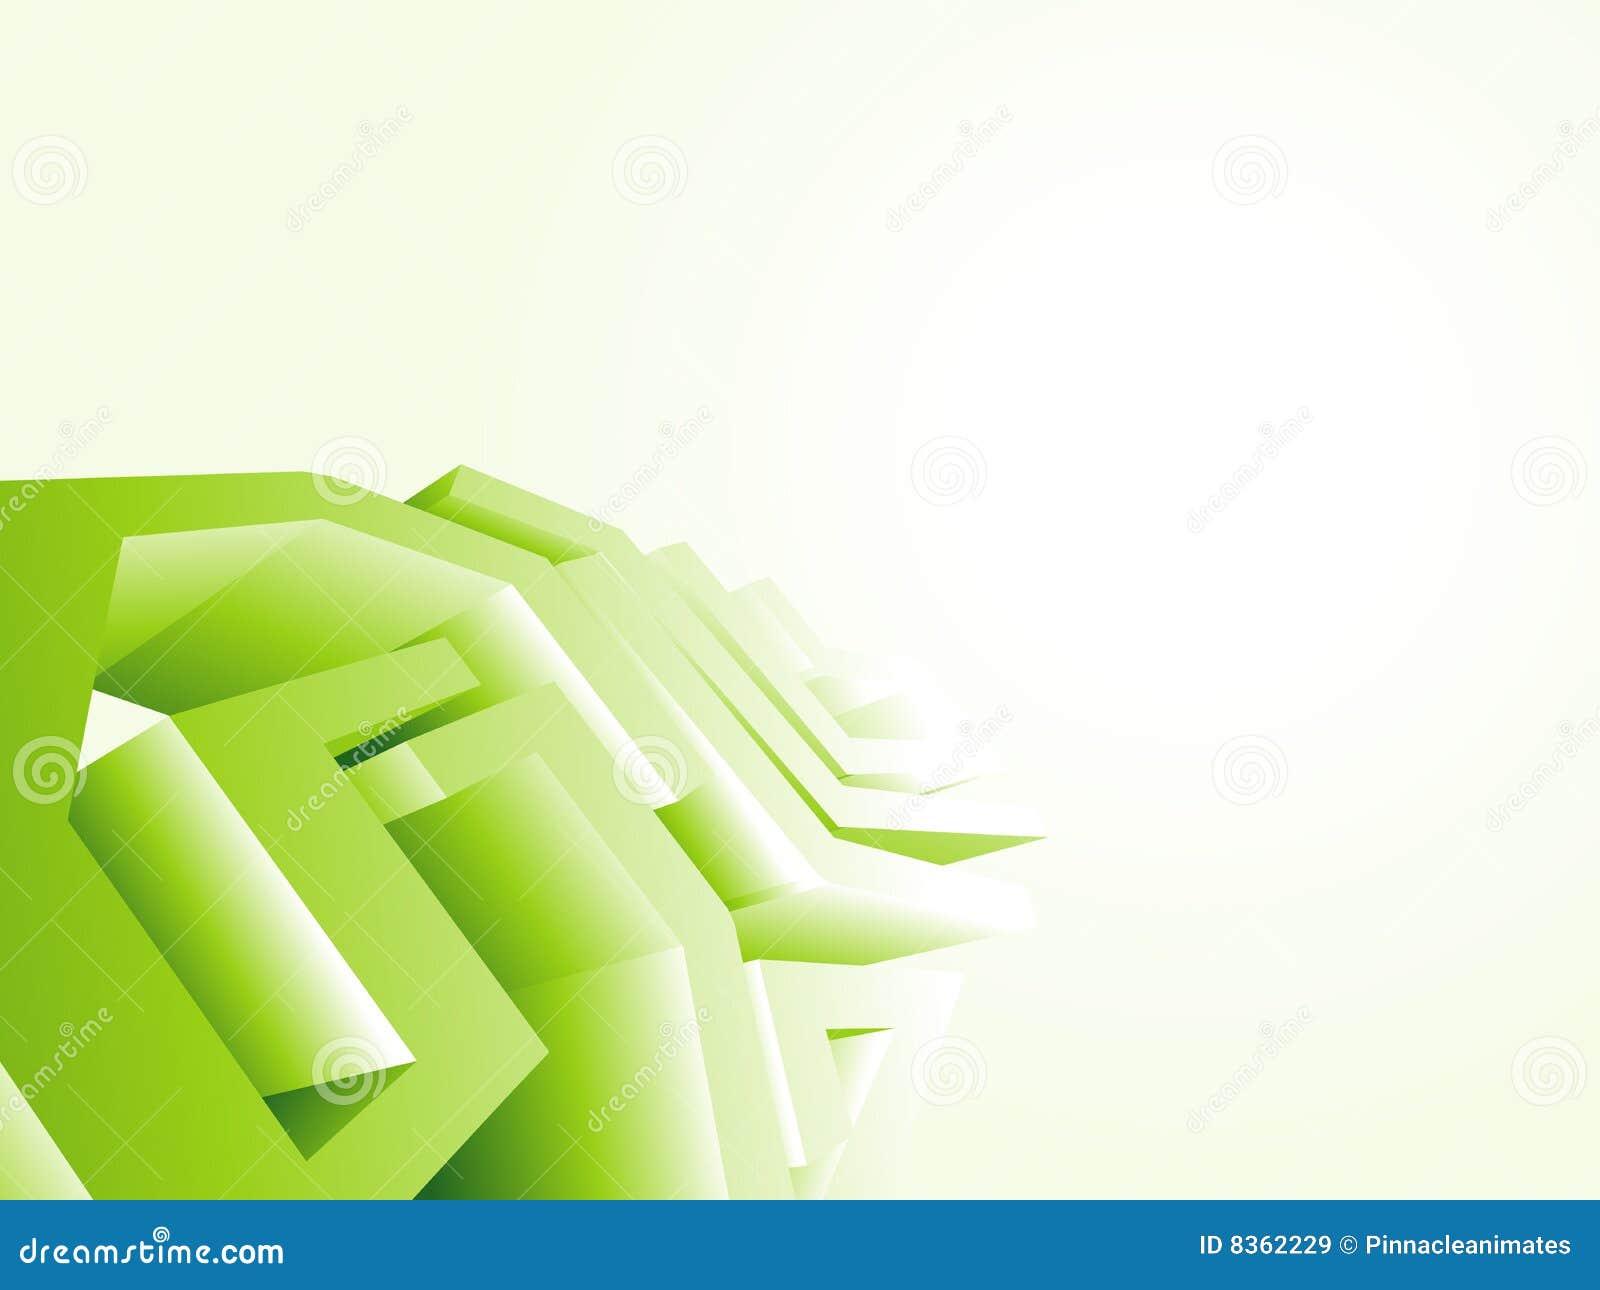 Green technology design wallpaper